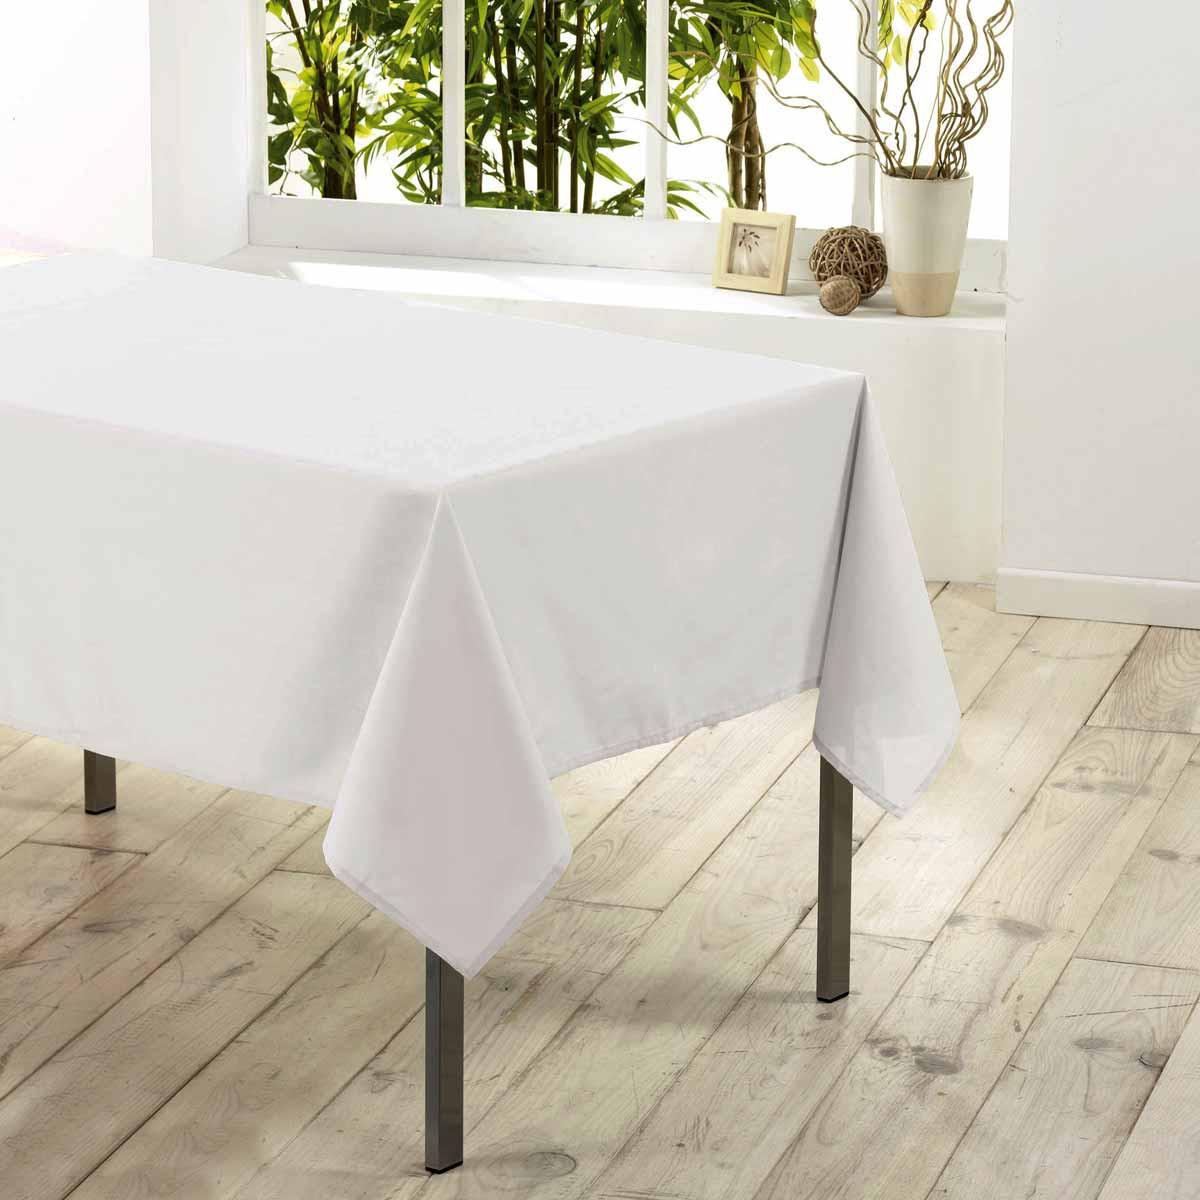 Αλέκιαστο Τραπεζομάντηλο (140×200) Essentiel Blanc 1720194